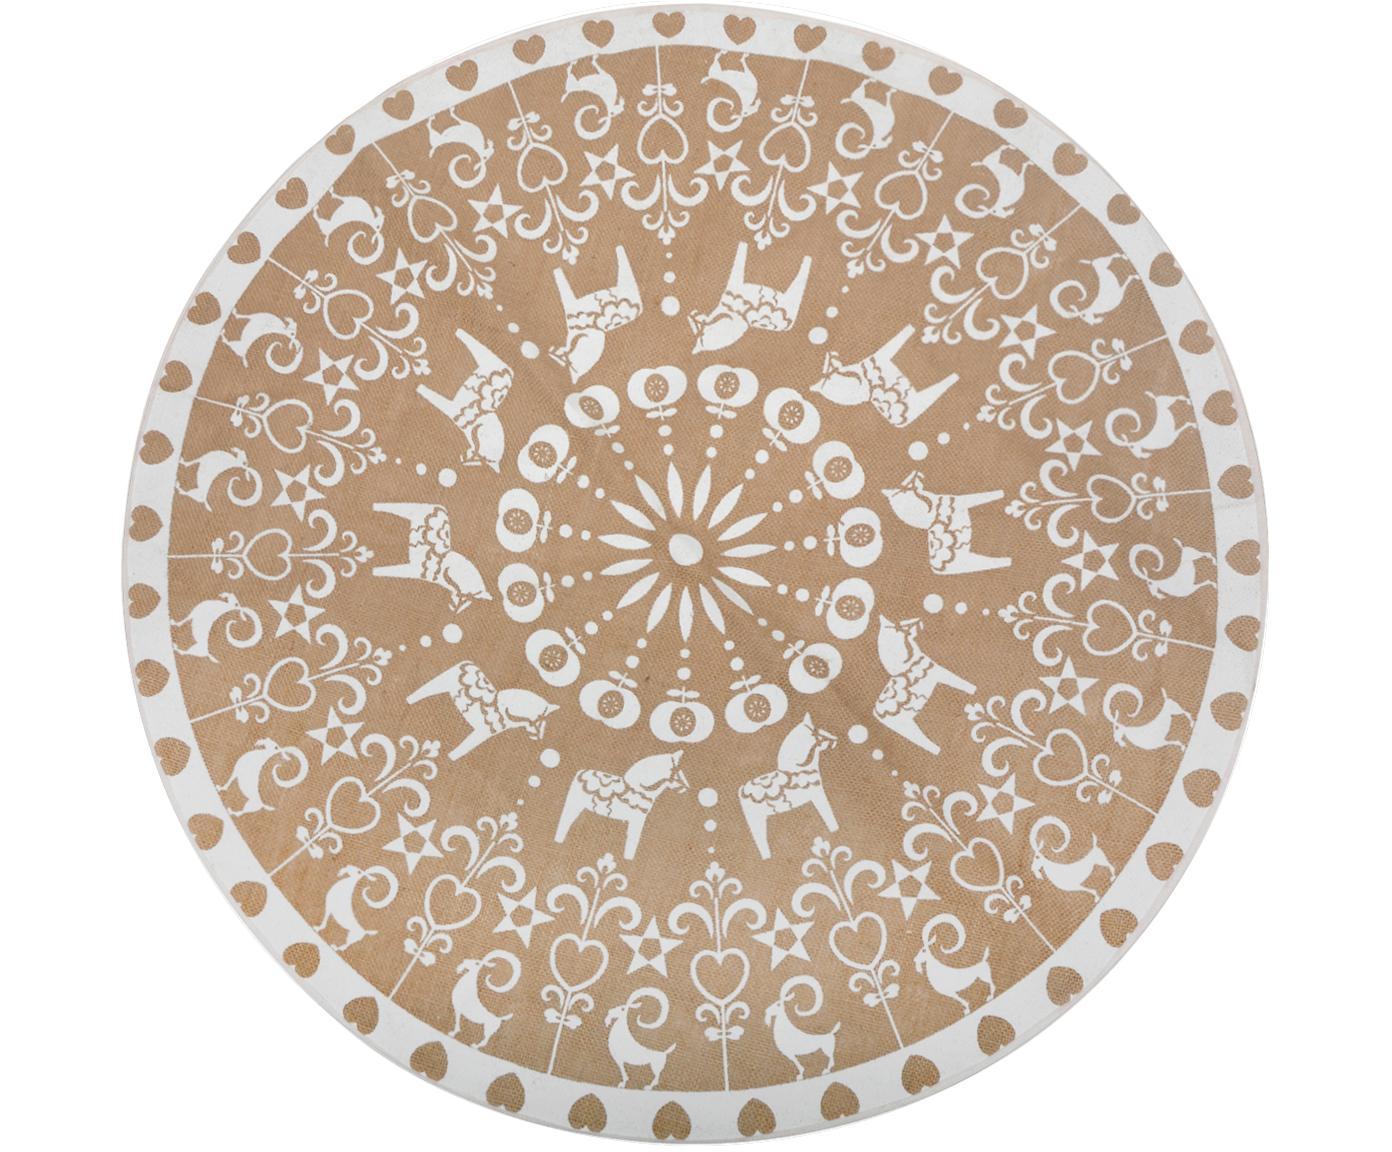 Sotto tappeto per albero di Natale Lily, Juta, Iuta, bianco, Ø 100 cm